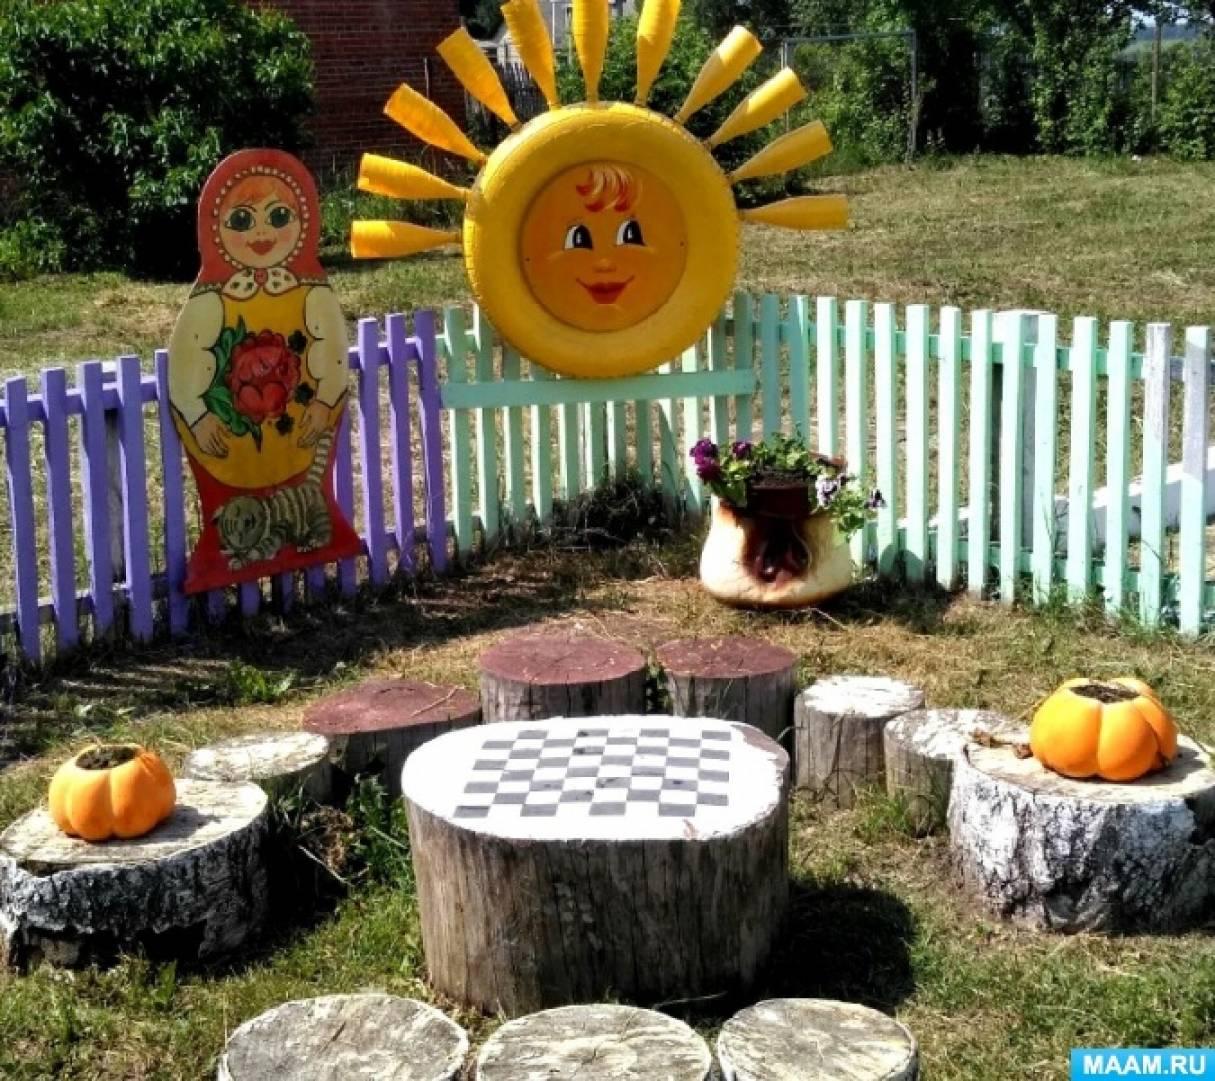 Картинки как украсить участок в детском саду